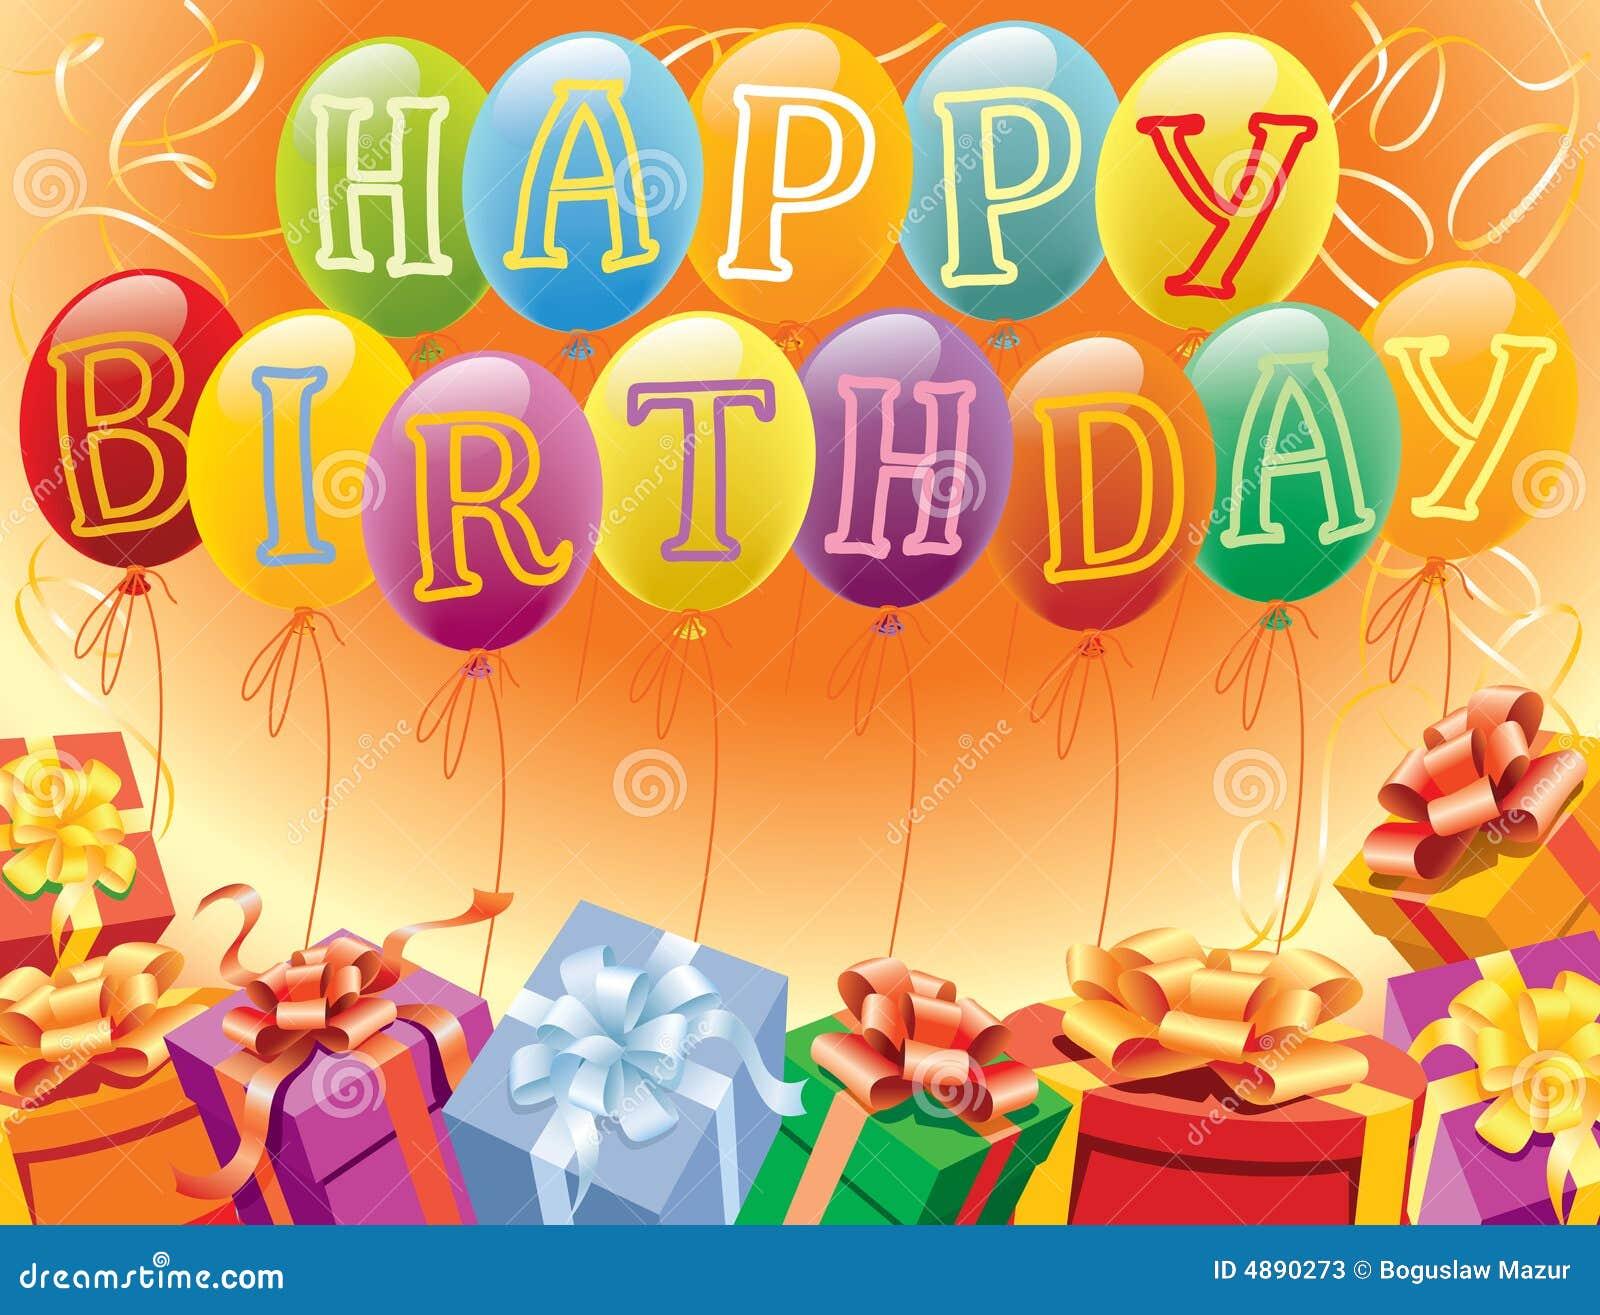 С днем рождения поздравления вибер